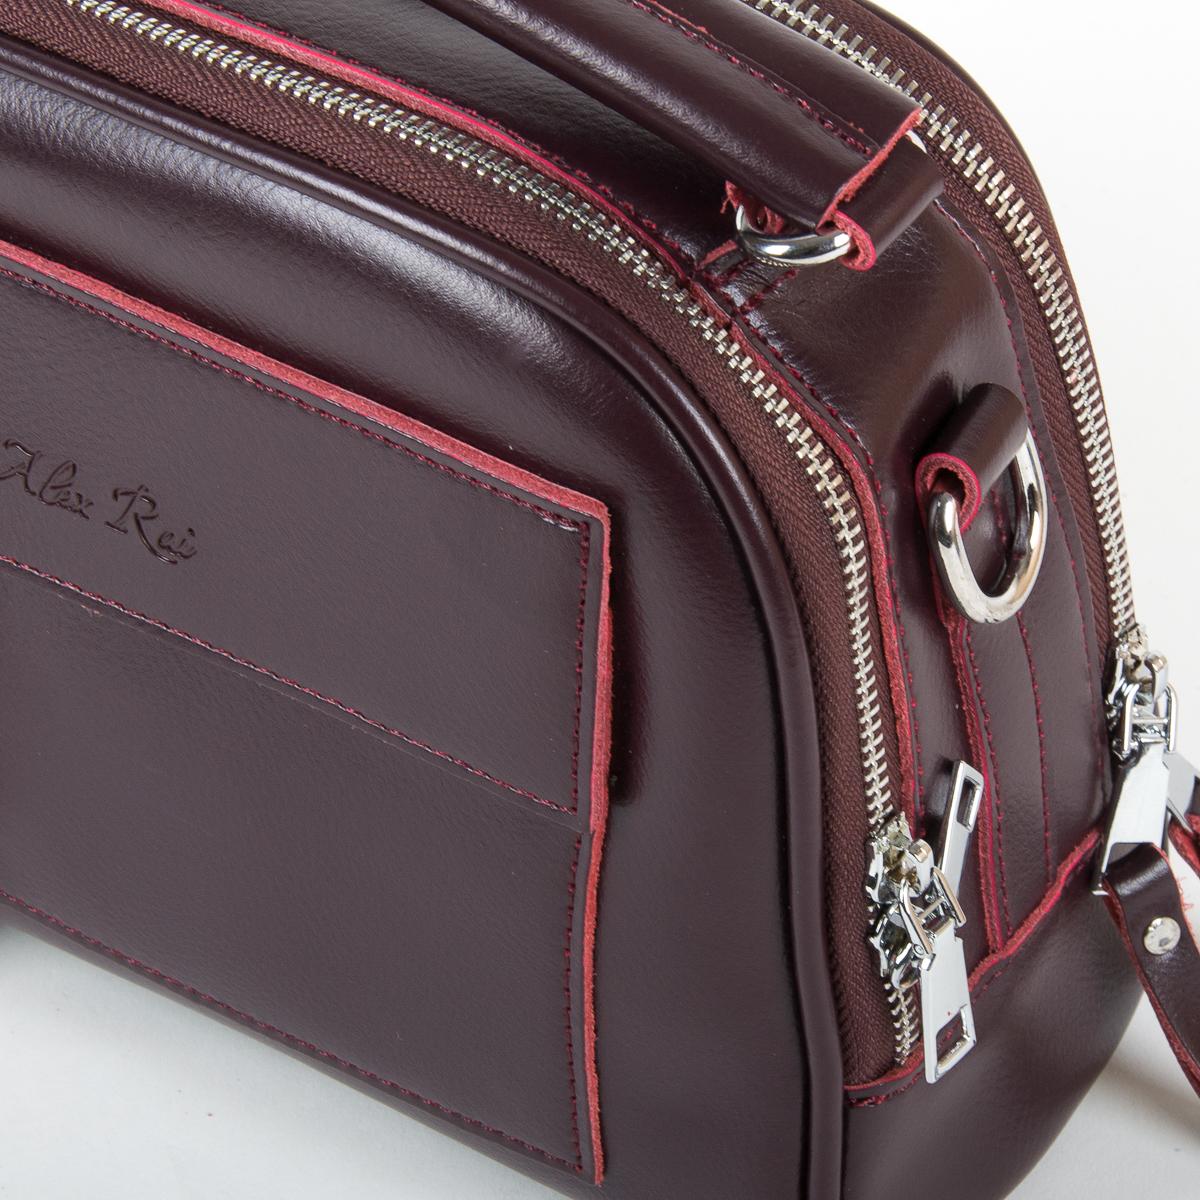 Сумка Женская Классическая кожа ALEX RAI 9-01 8545 burgundy - фото 3